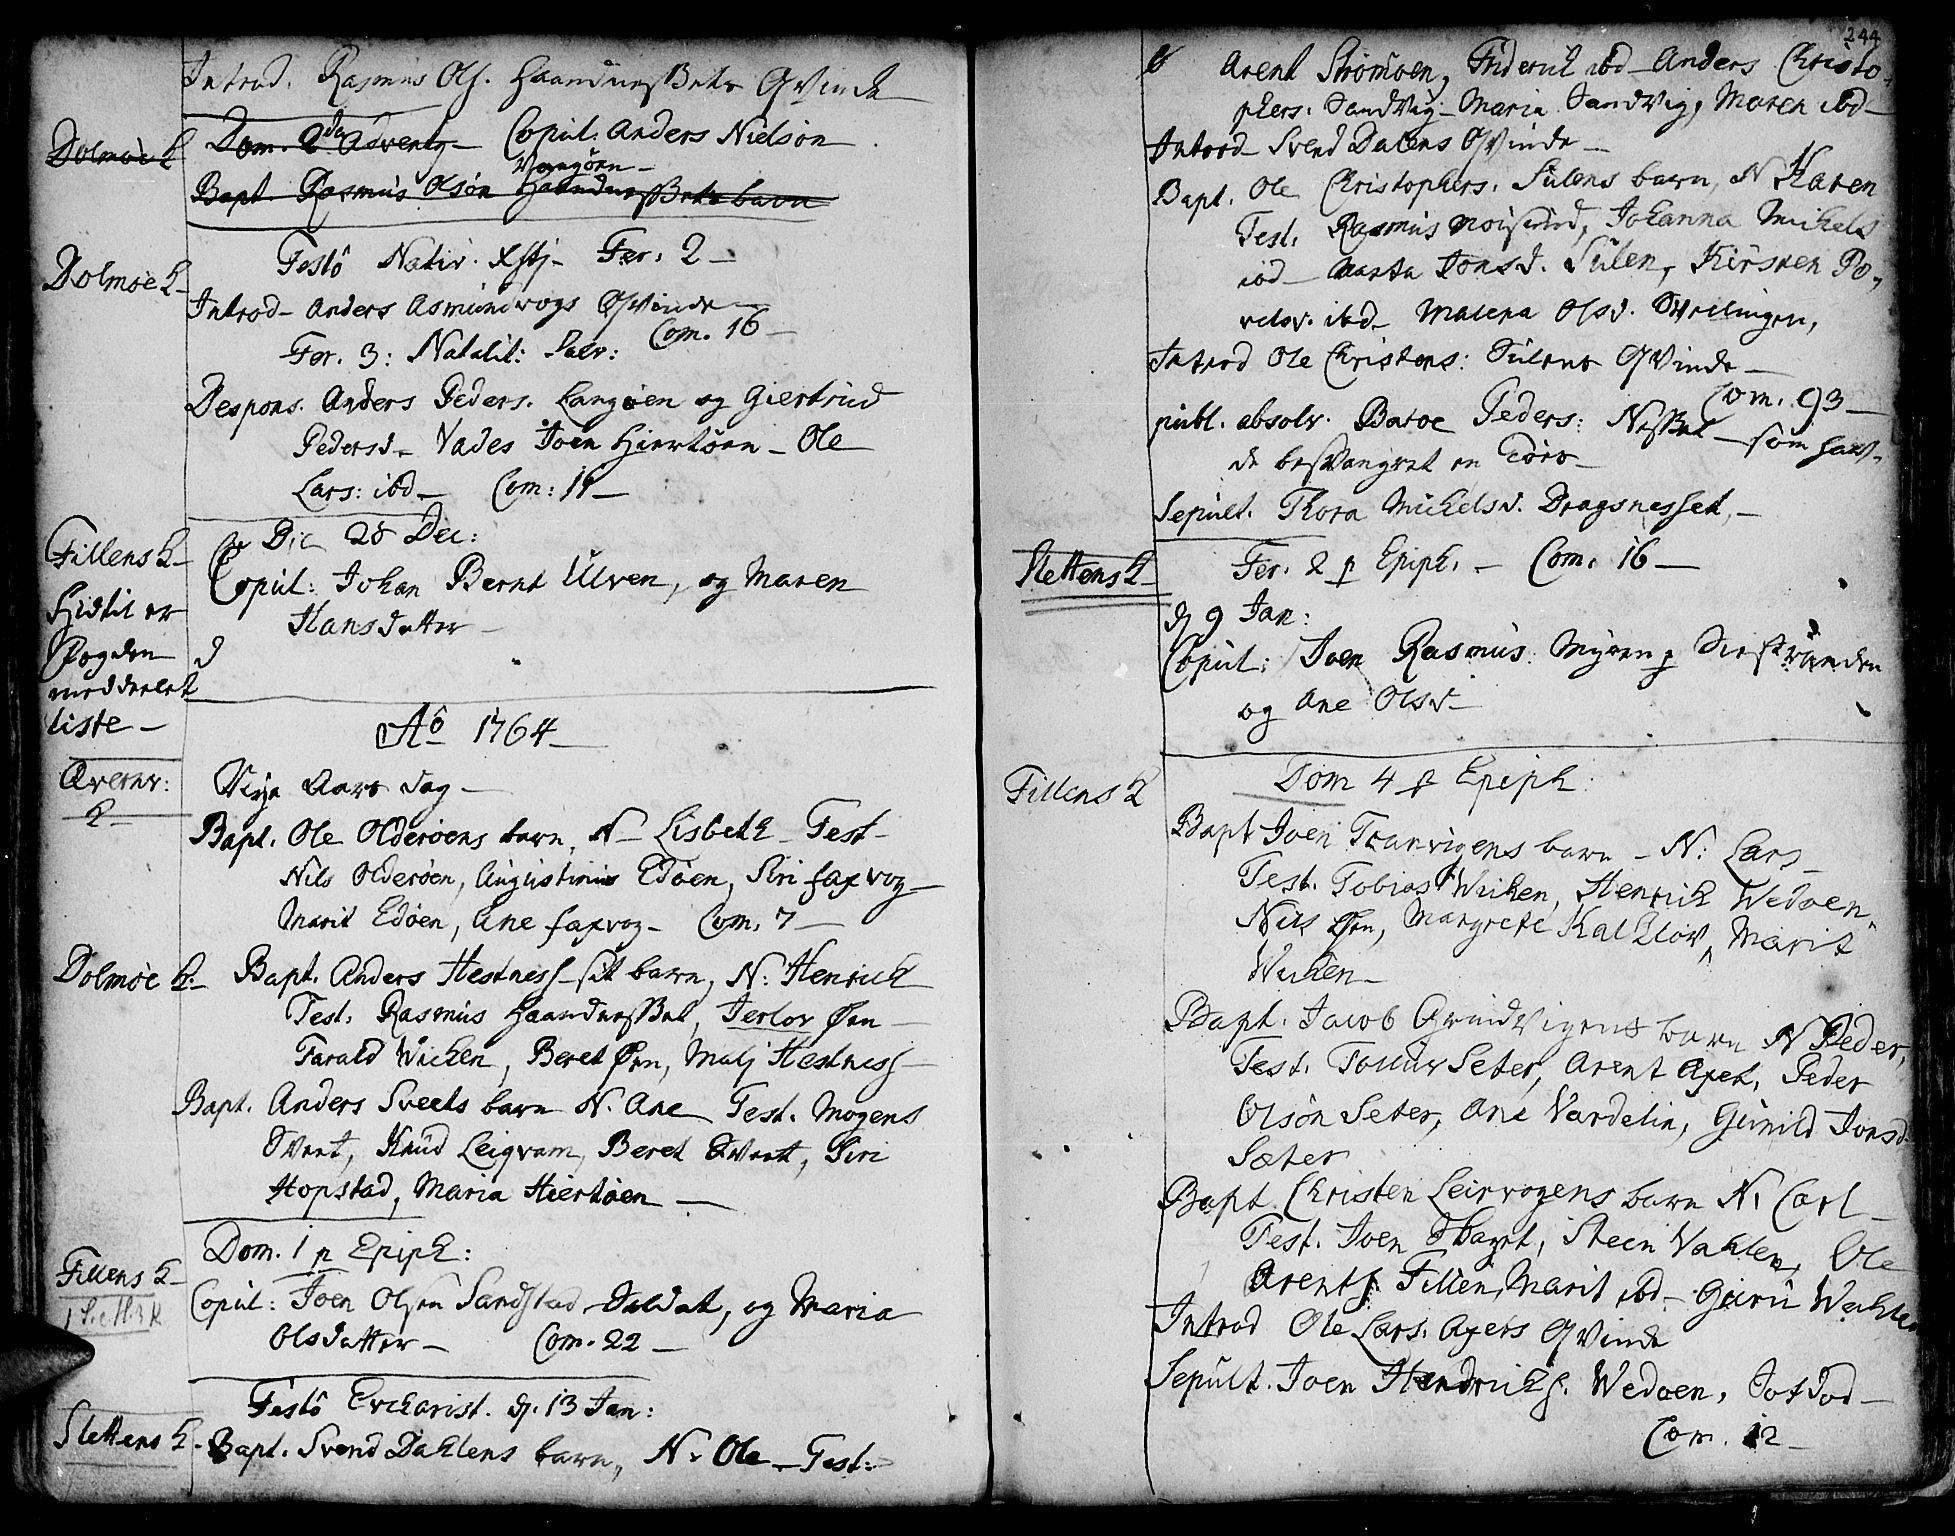 SAT, Ministerialprotokoller, klokkerbøker og fødselsregistre - Sør-Trøndelag, 634/L0525: Ministerialbok nr. 634A01, 1736-1775, s. 244